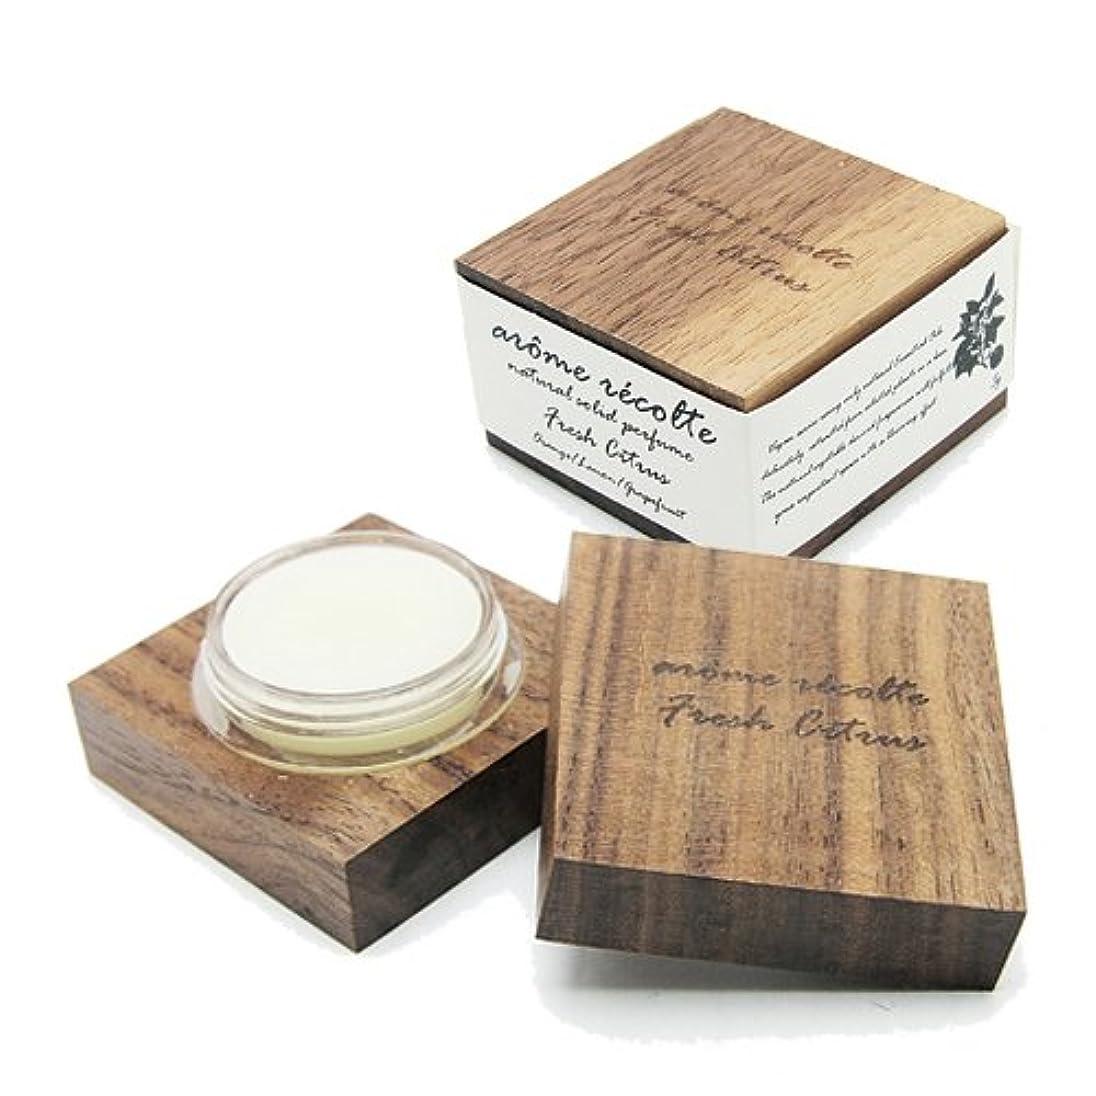 リラックスマダムウォルターカニンガムアロマレコルト ナチュラル ソリッドパフューム フレッシュシトラス Fresh Citurs arome recolte 練り香水